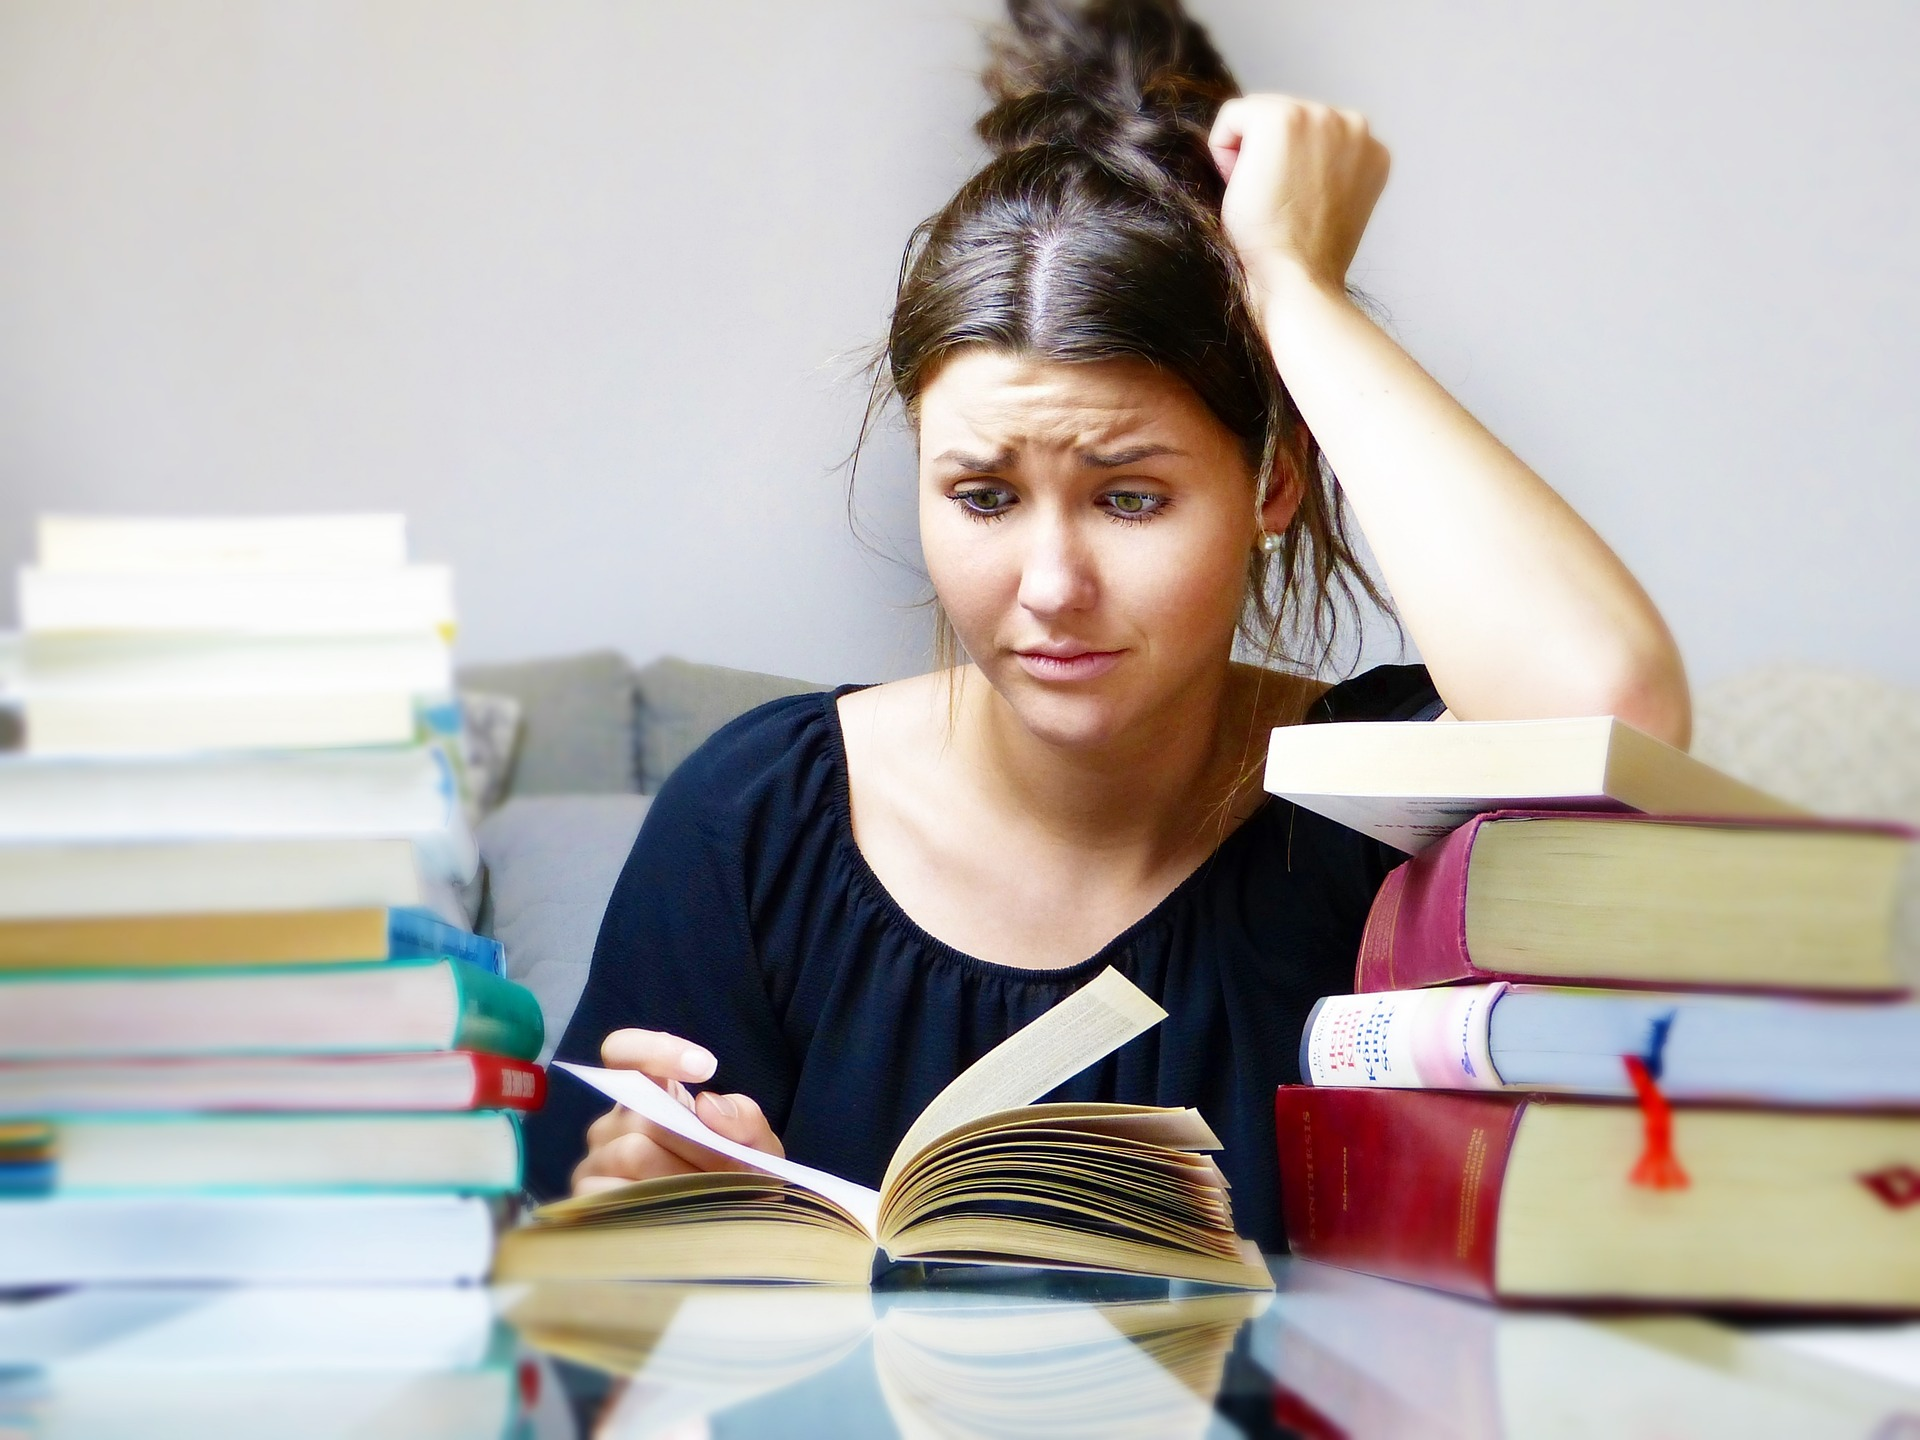 Factbox: Teilzeit-Studium und Härtefall-Regelung